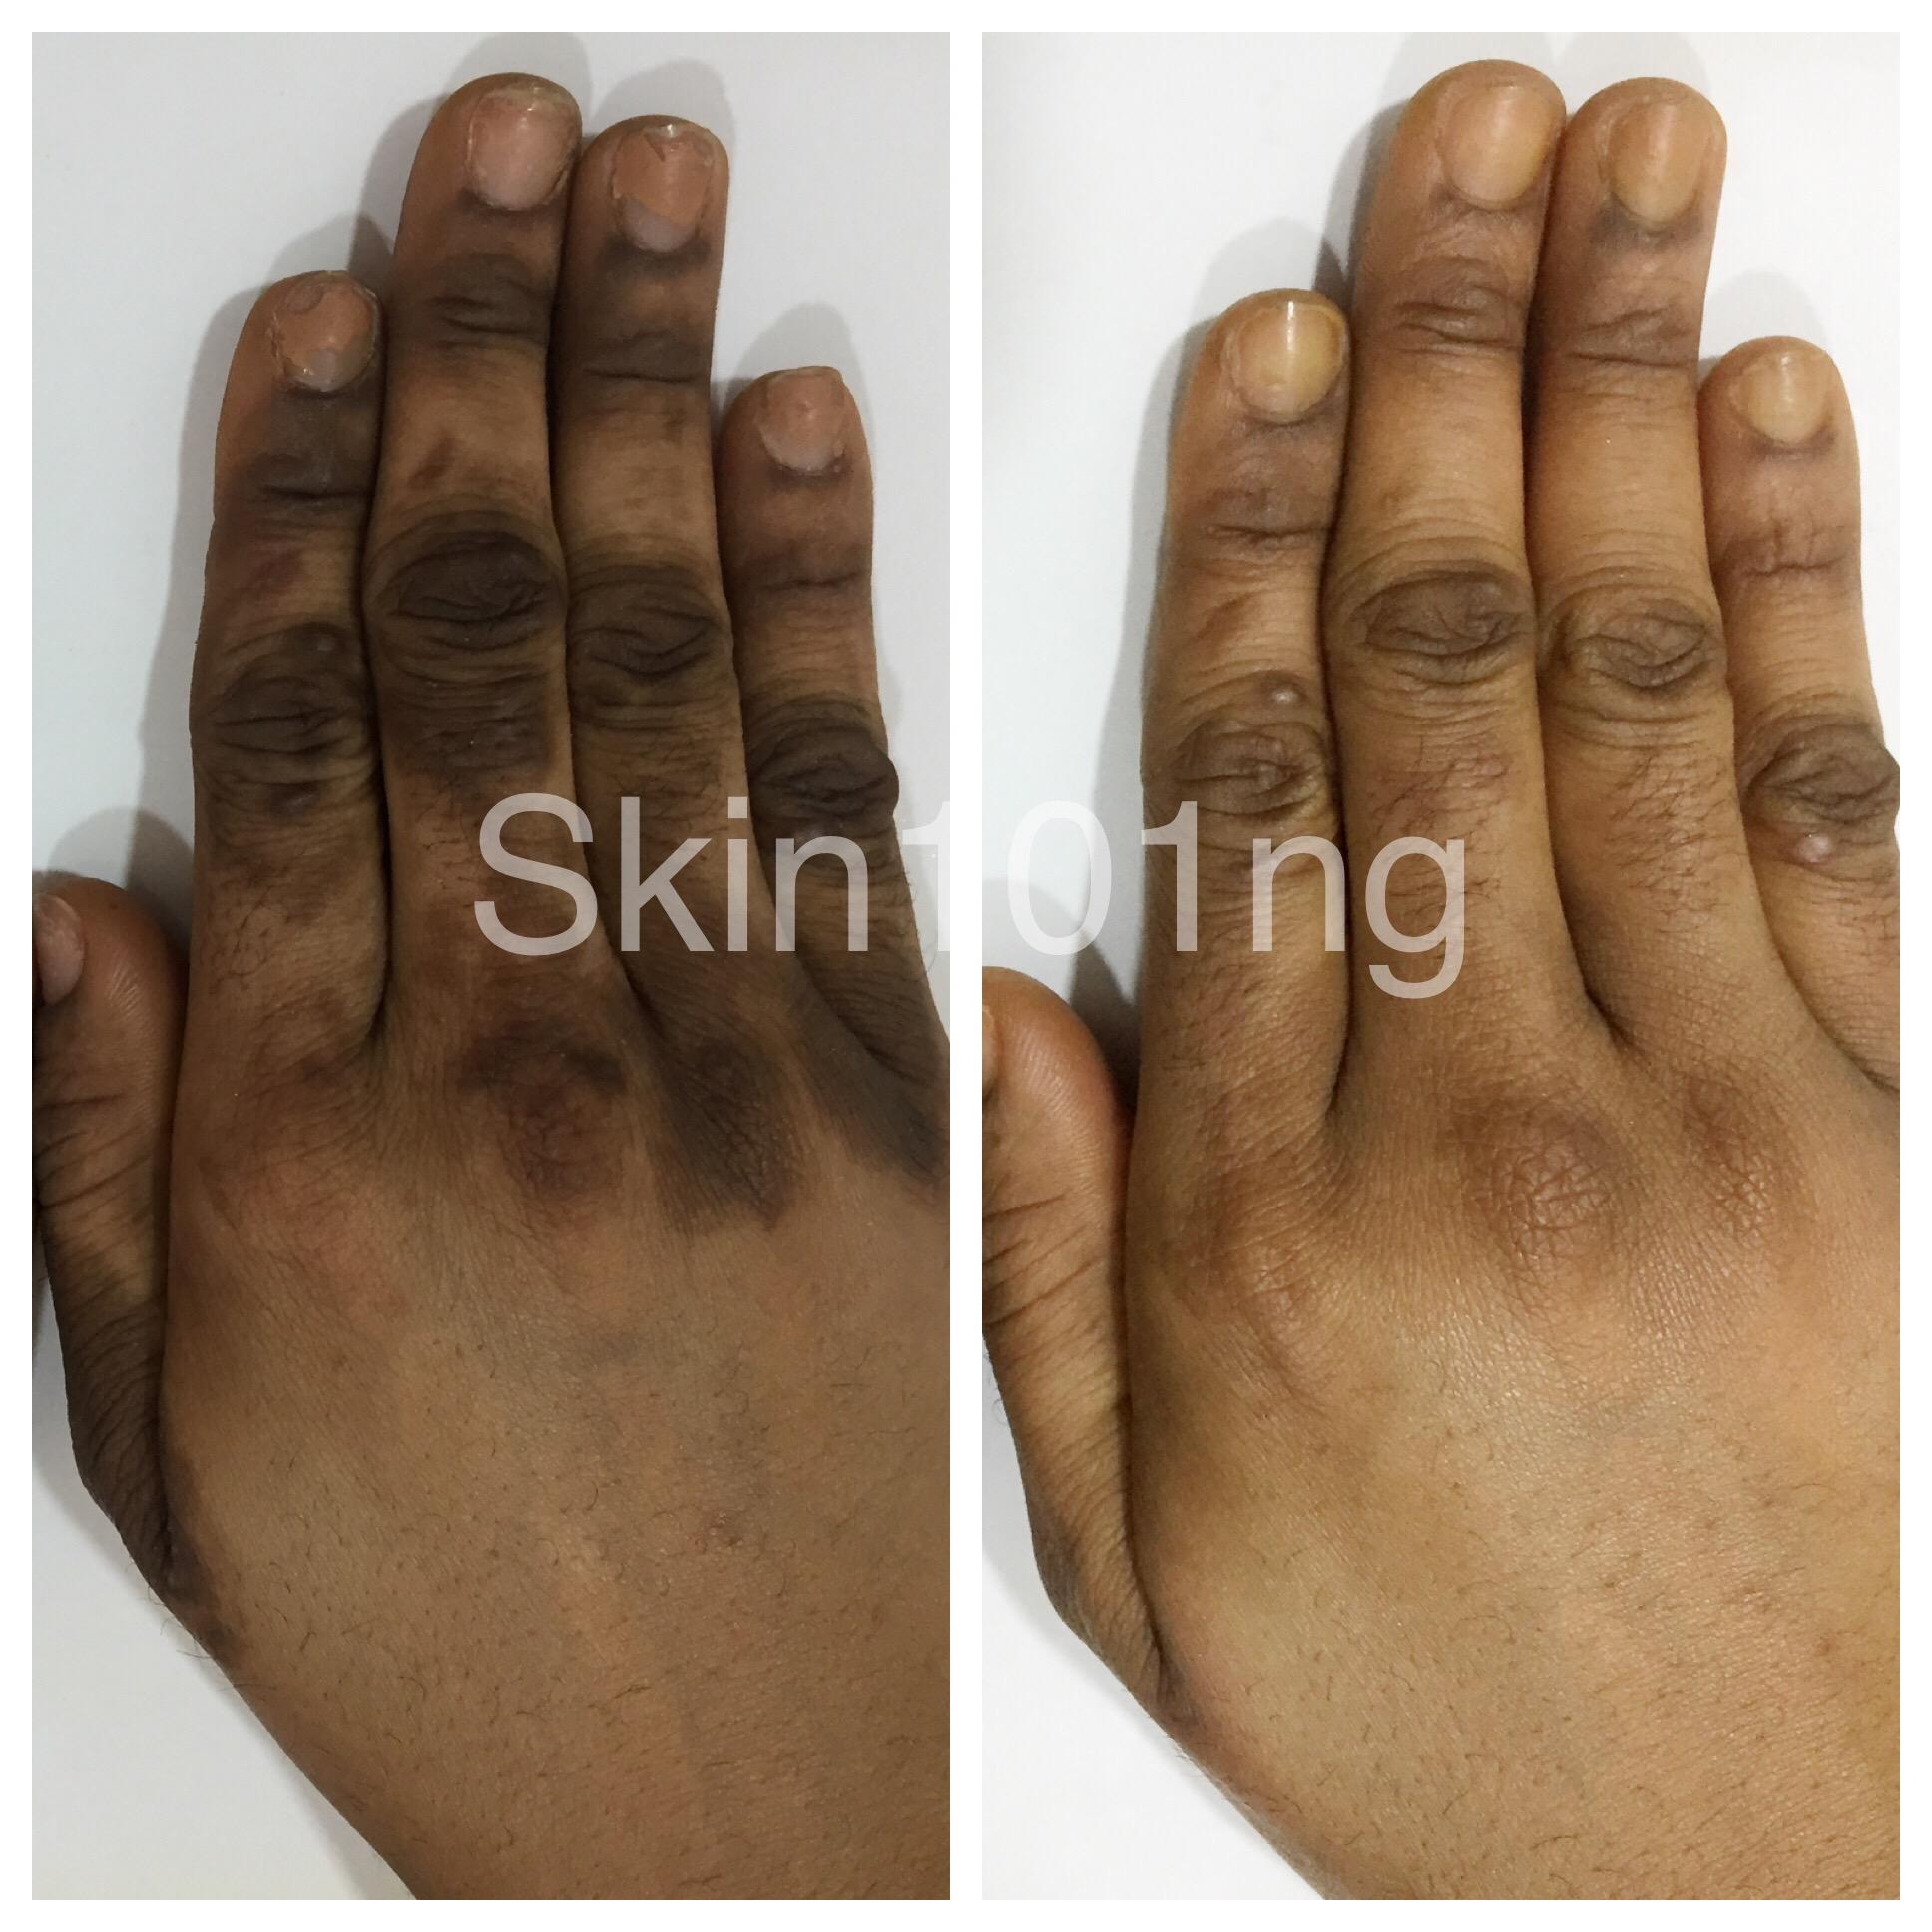 dark knuckles hands